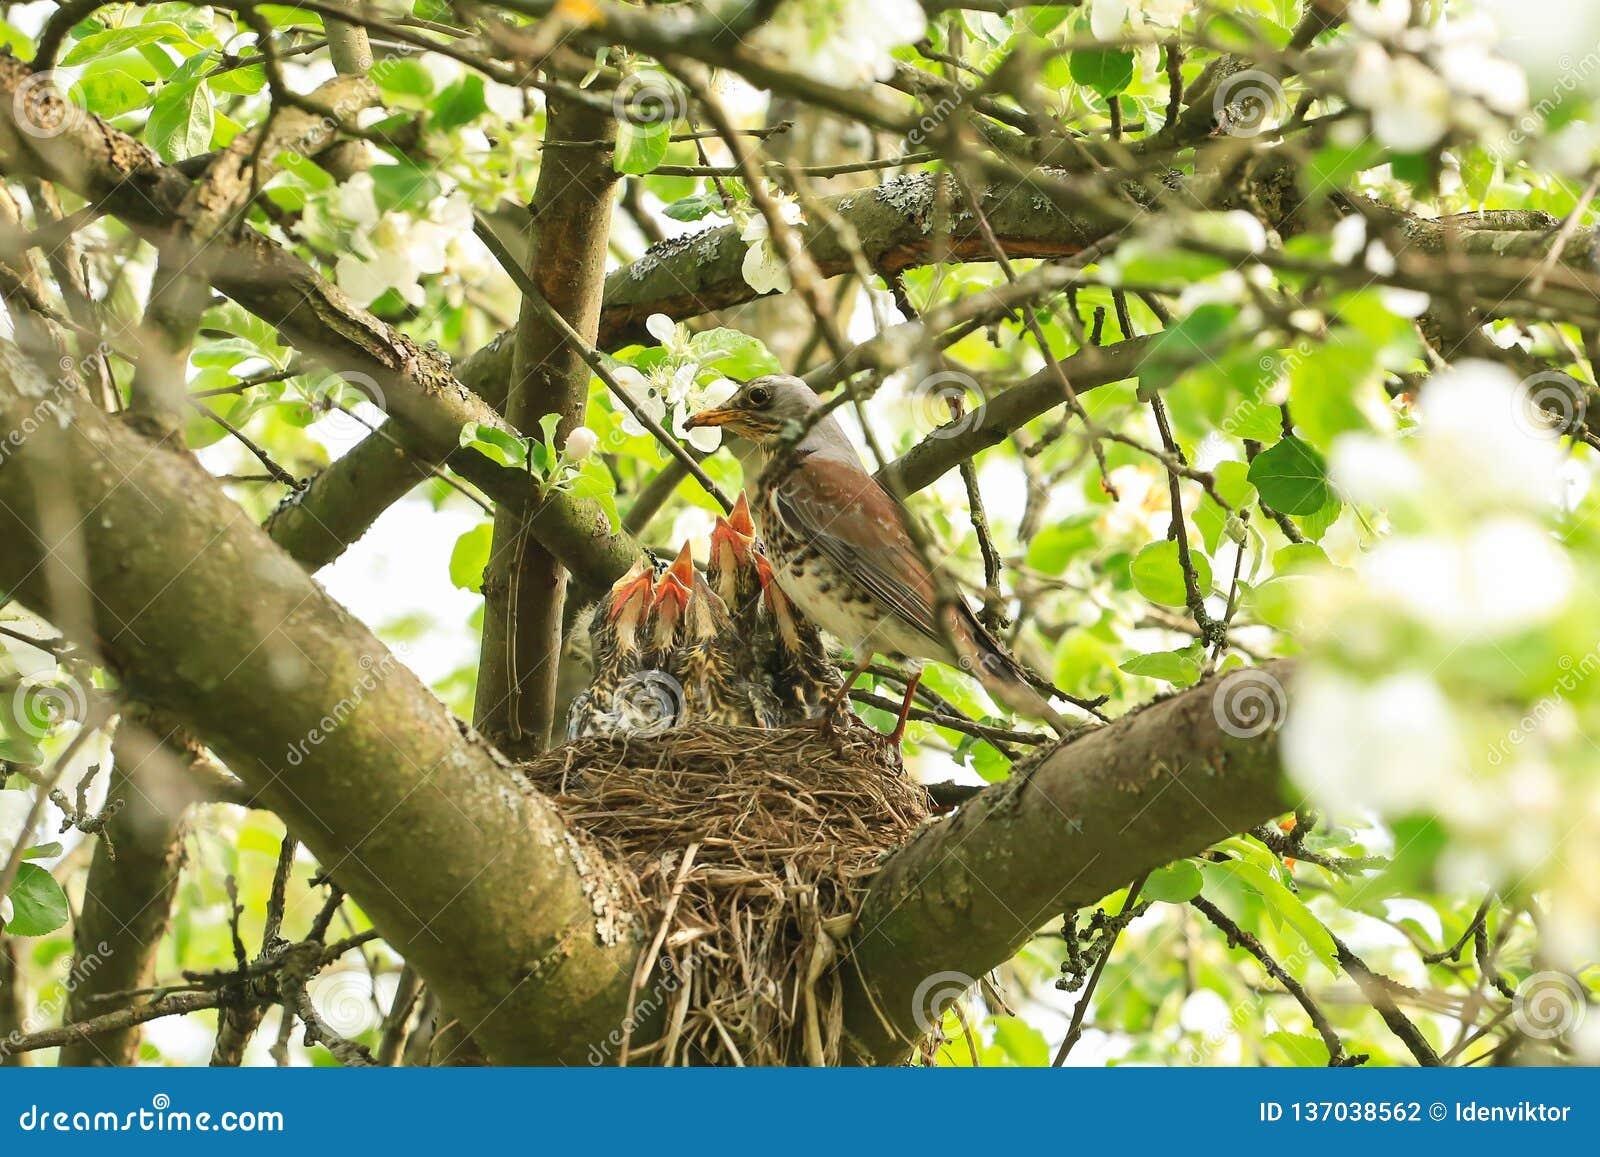 Πεινασμένα πουλιά μωρών σε μια φωλιά με την τσίχλα μητέρων